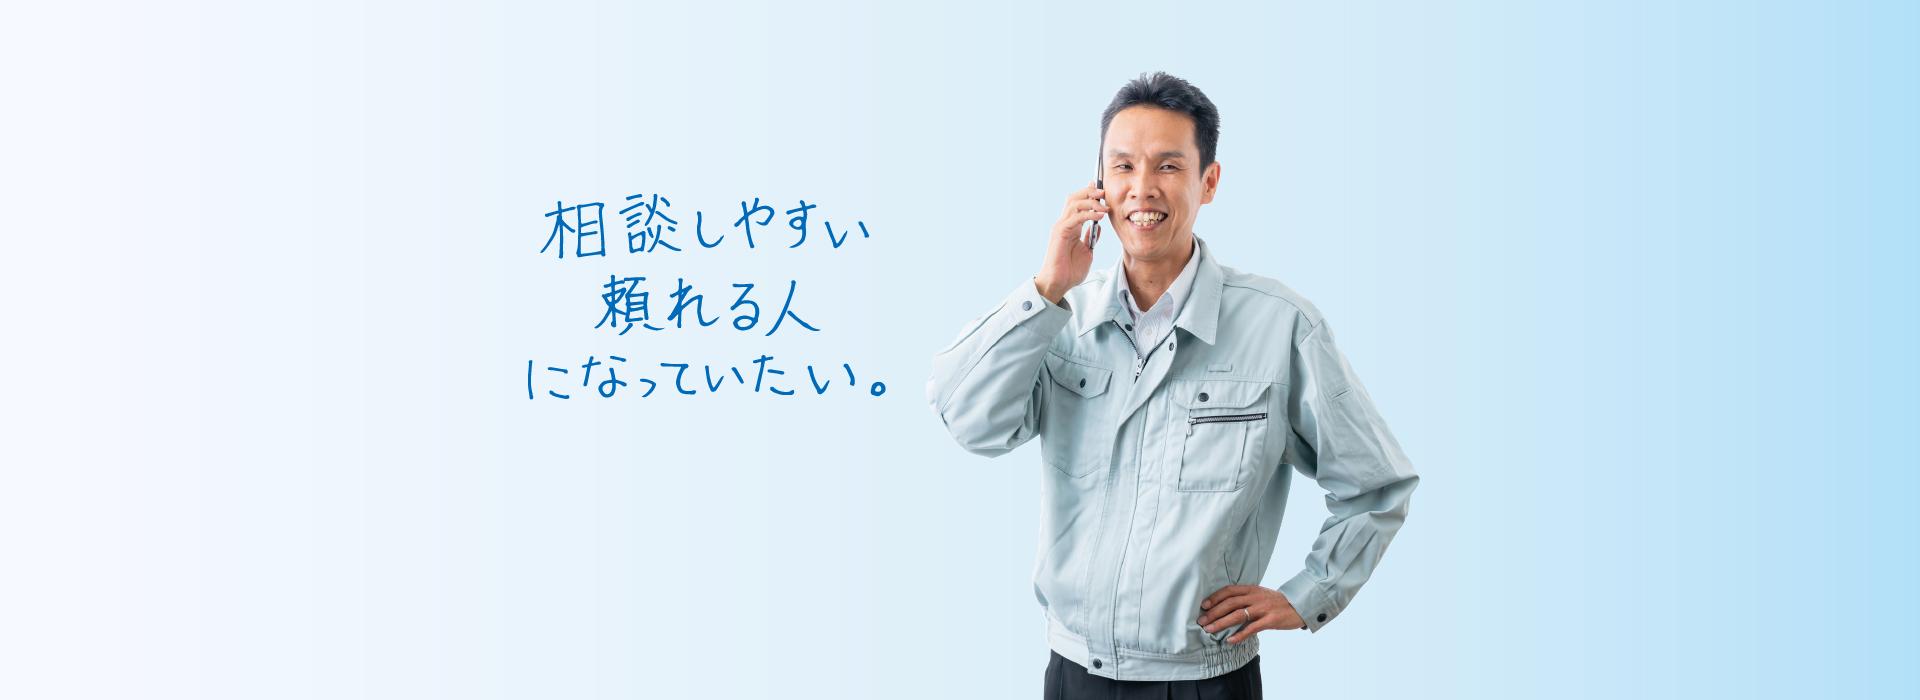 先輩紹介08